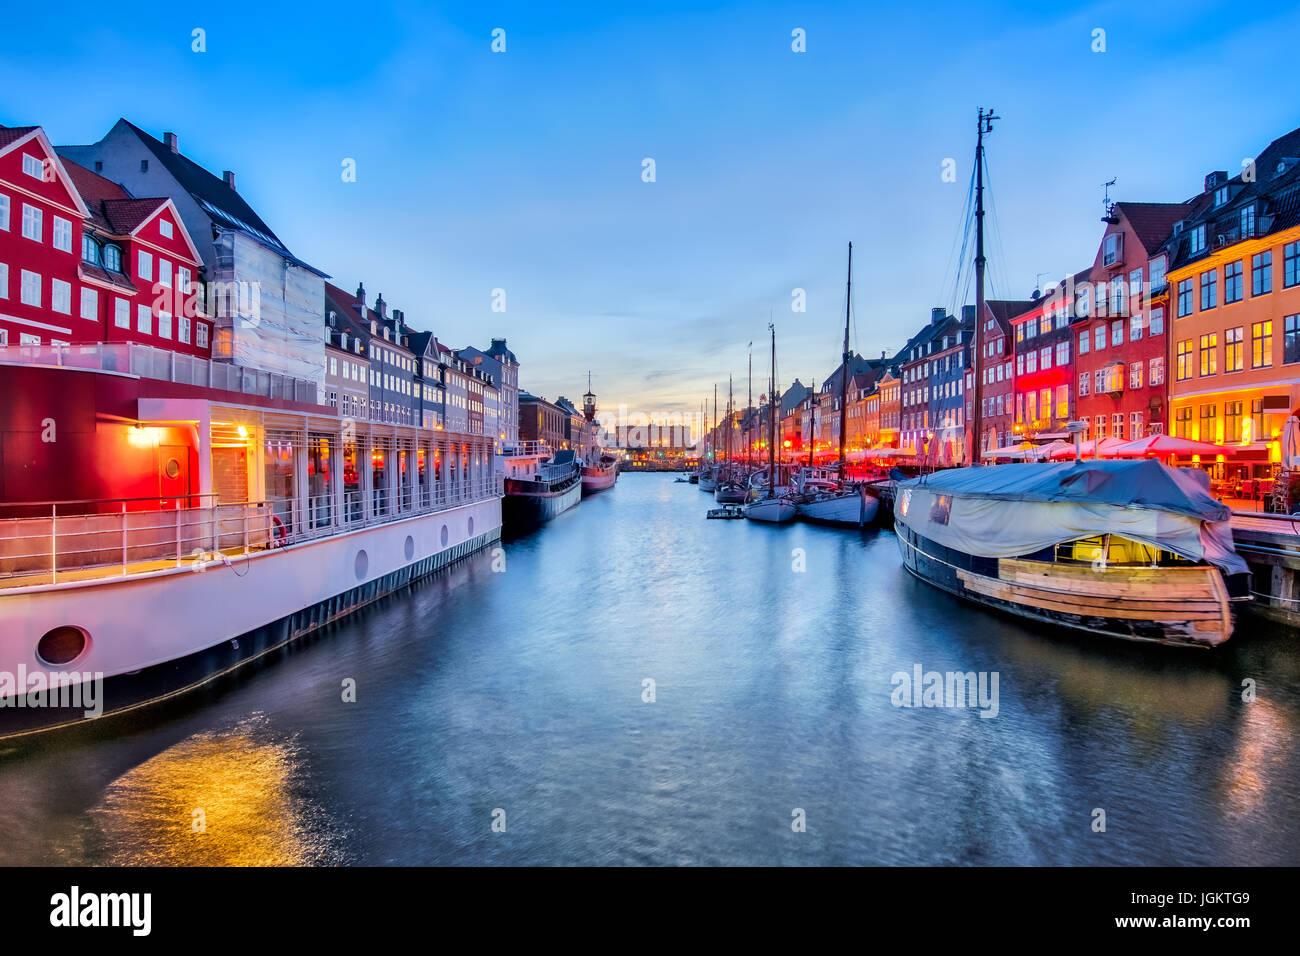 Nyhavn aux façades colorées des maisons anciennes à Copenhague, Danemark Banque D'Images